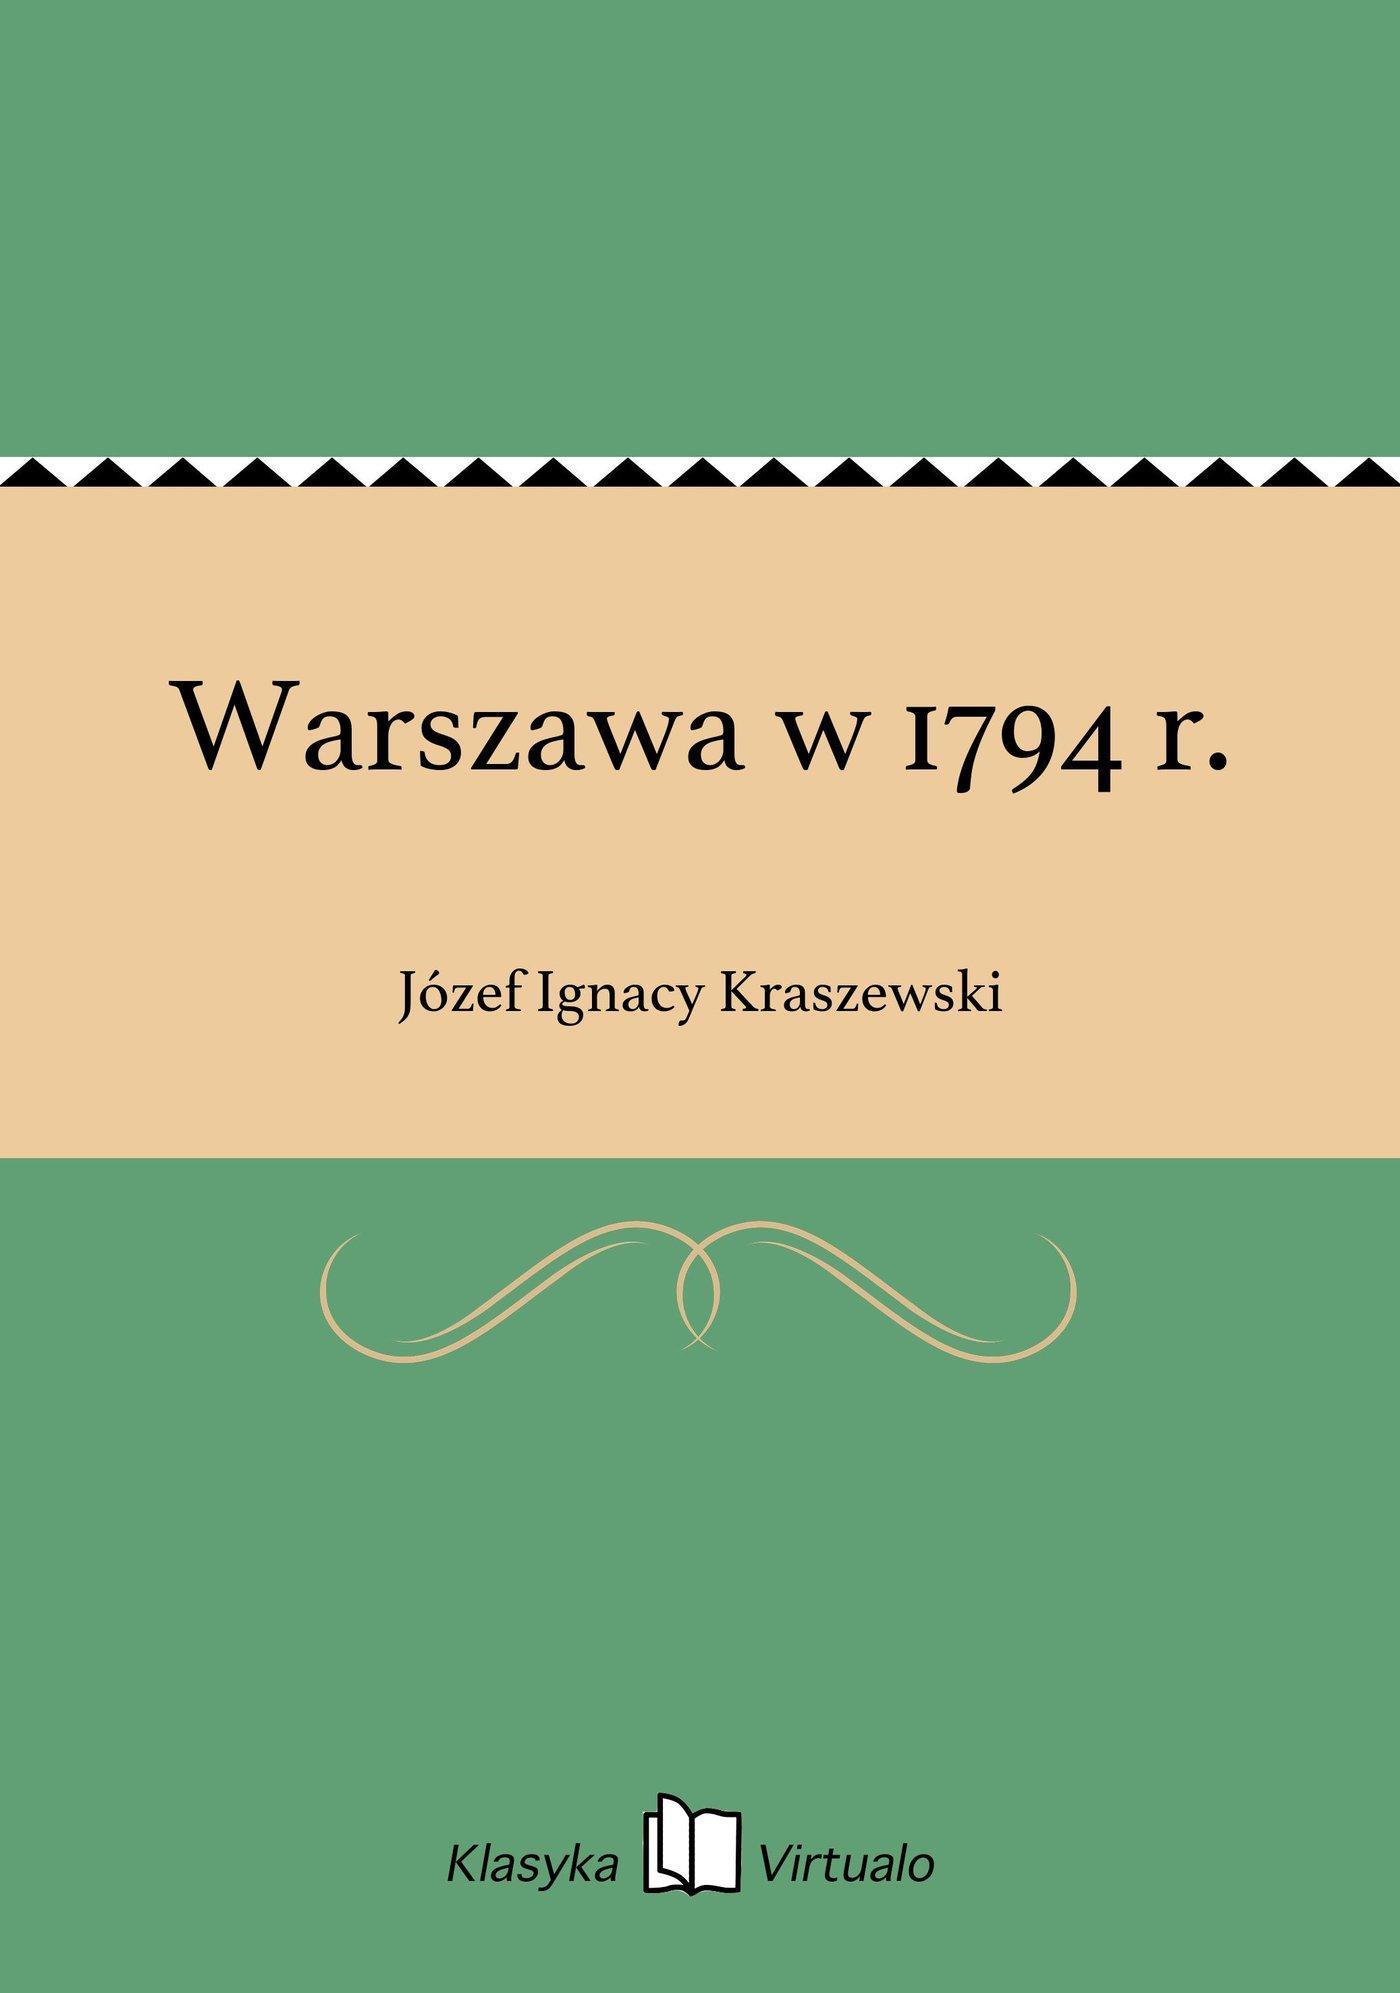 Warszawa w 1794 r. - Ebook (Książka EPUB) do pobrania w formacie EPUB